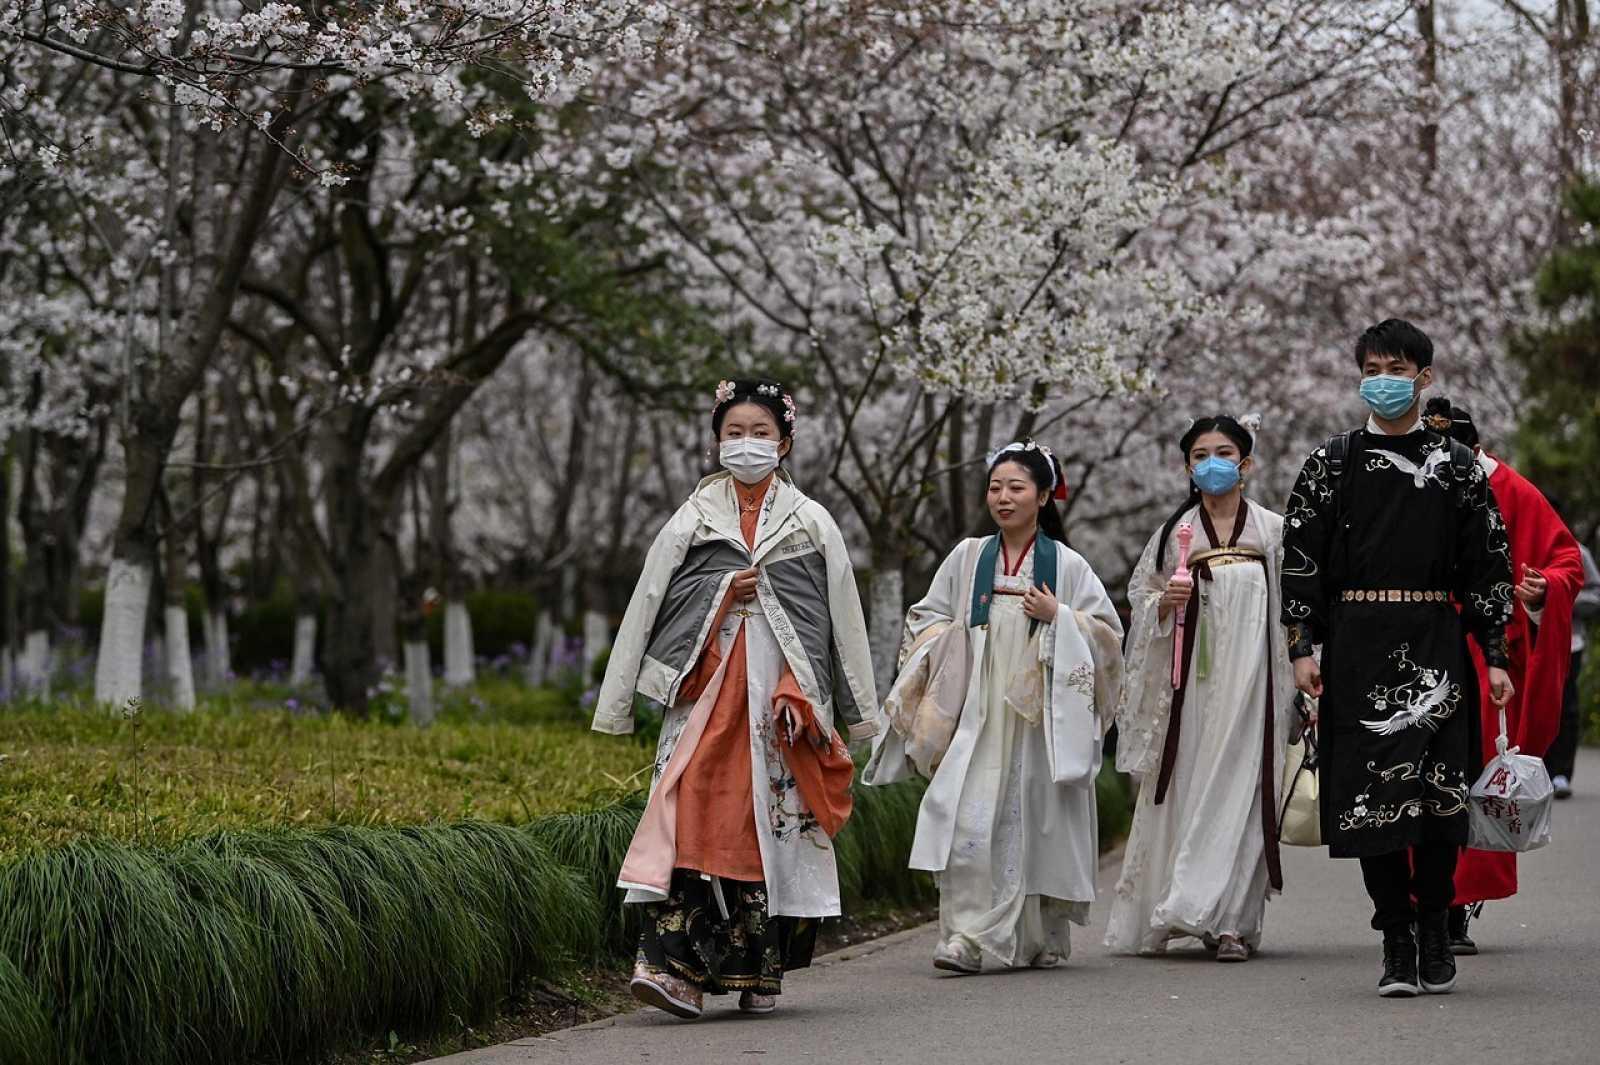 Jóvenes con trajes de la dinastía Tang en Shanghái